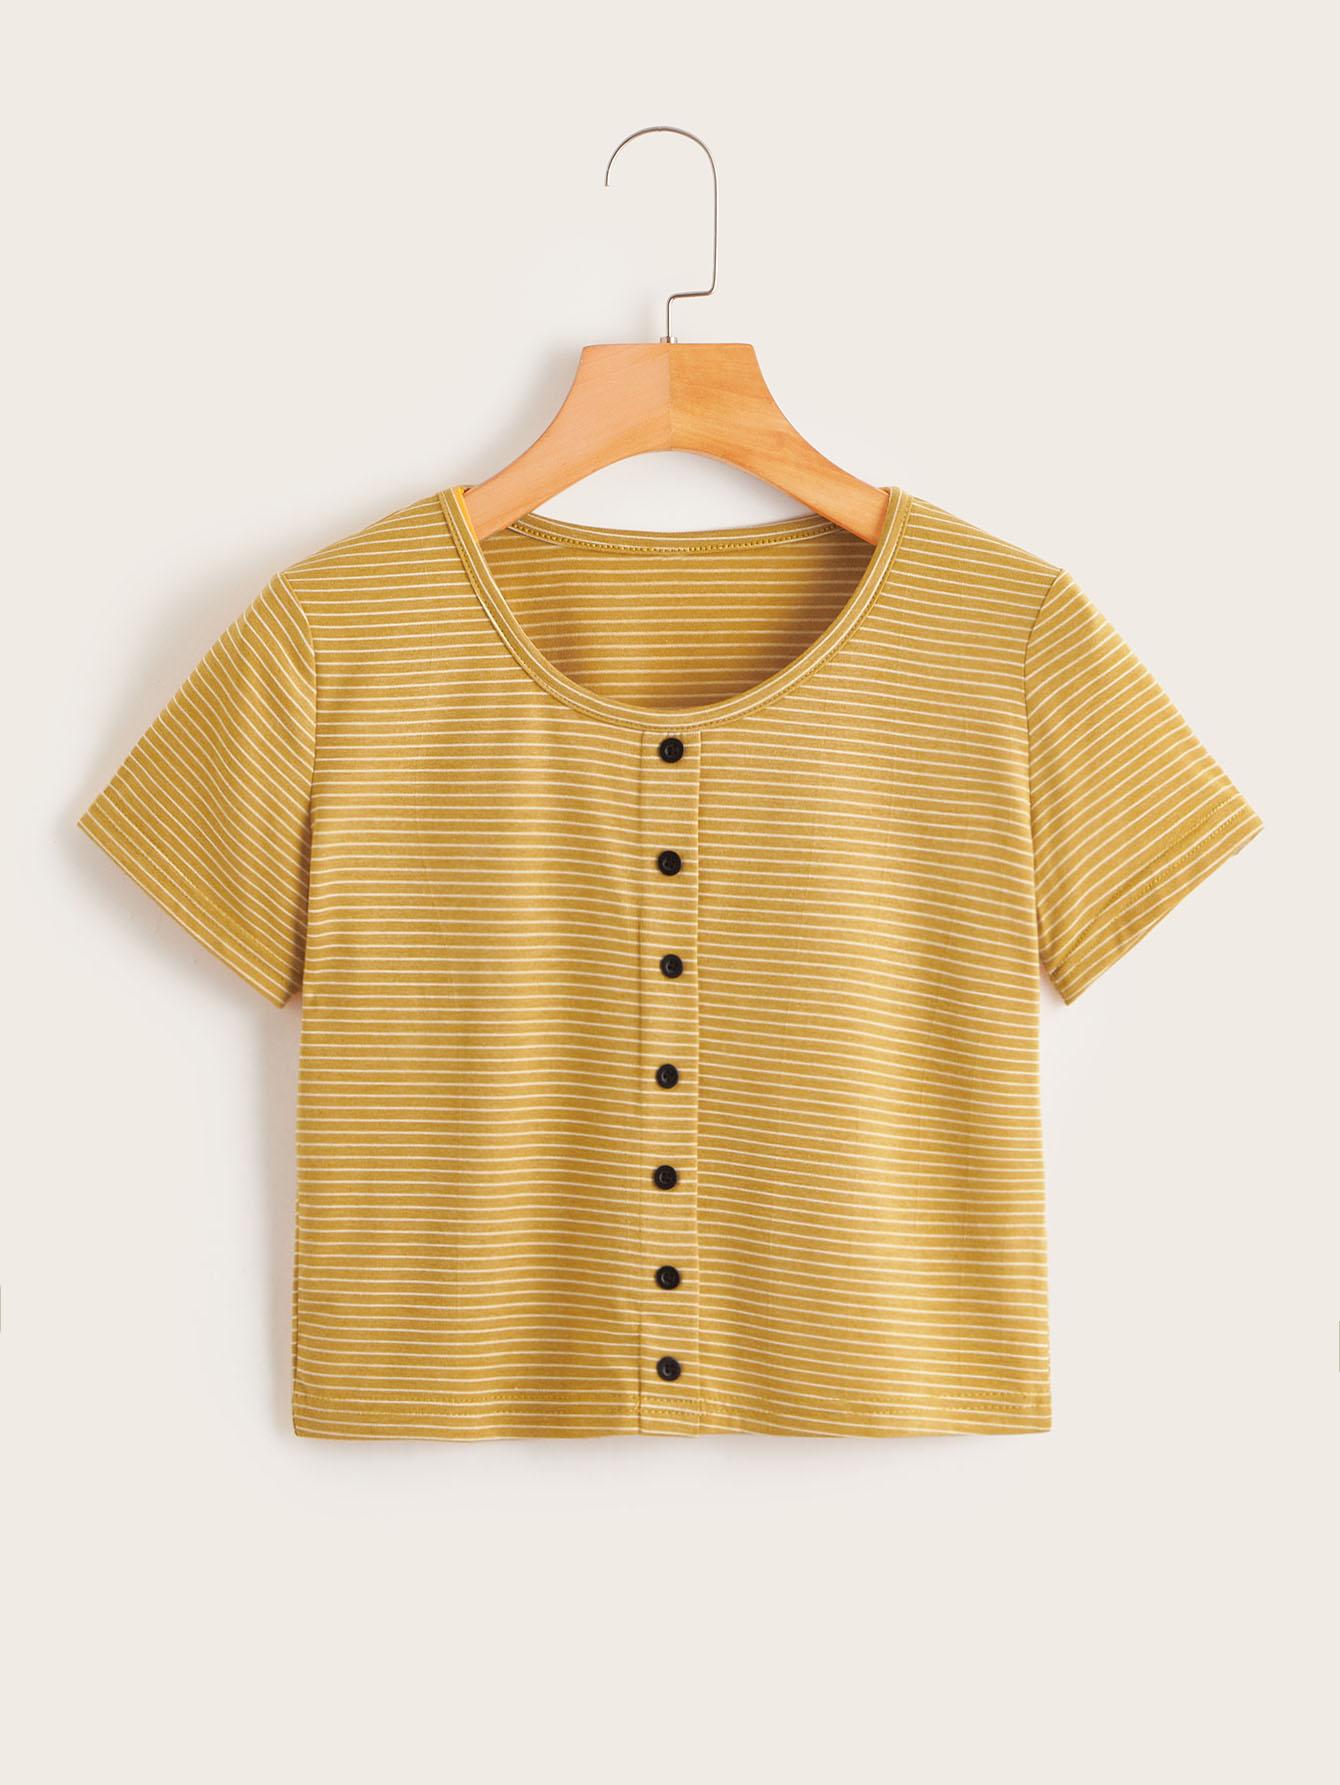 Фото - Полосатая футболка с пуговицами от SheIn цвет жёлтый